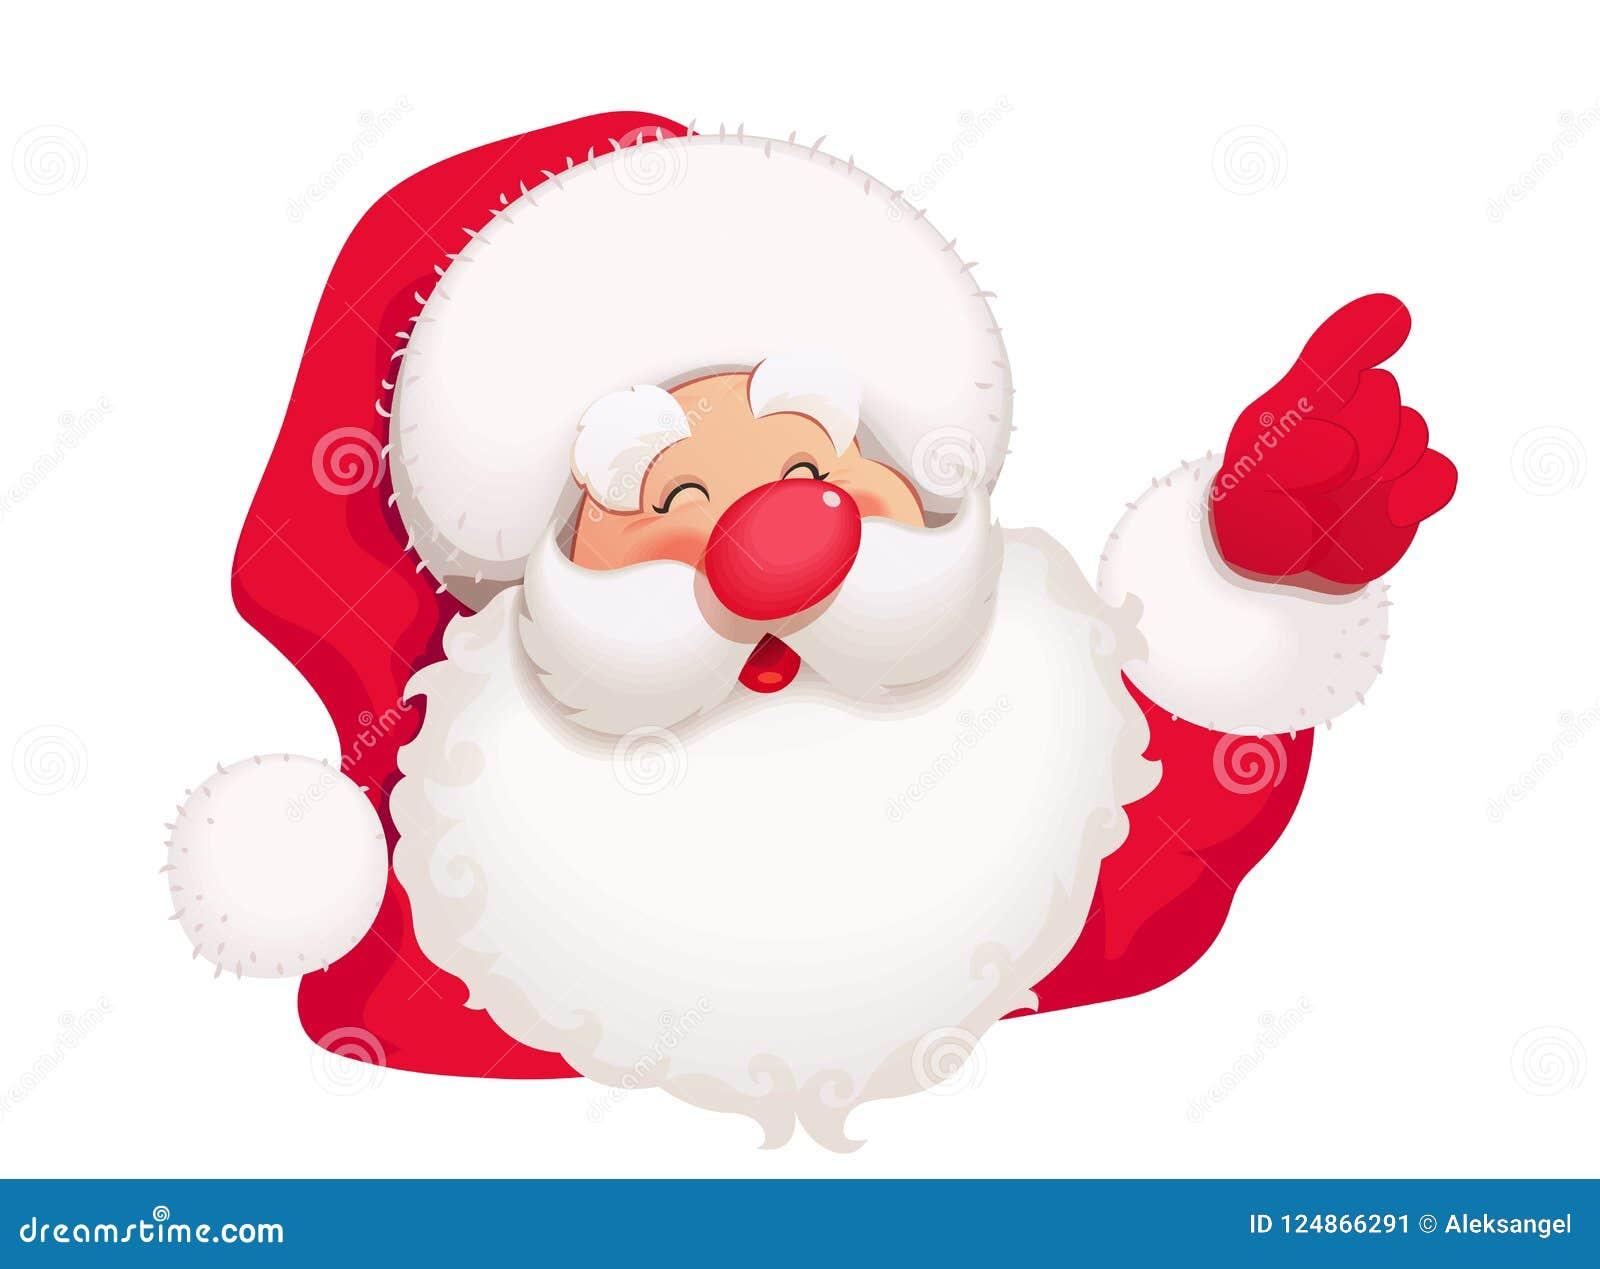 Imagenes De Papa Noel De Navidad.Papa Noel 2 Personaje De Dibujos Animados De La Navidad